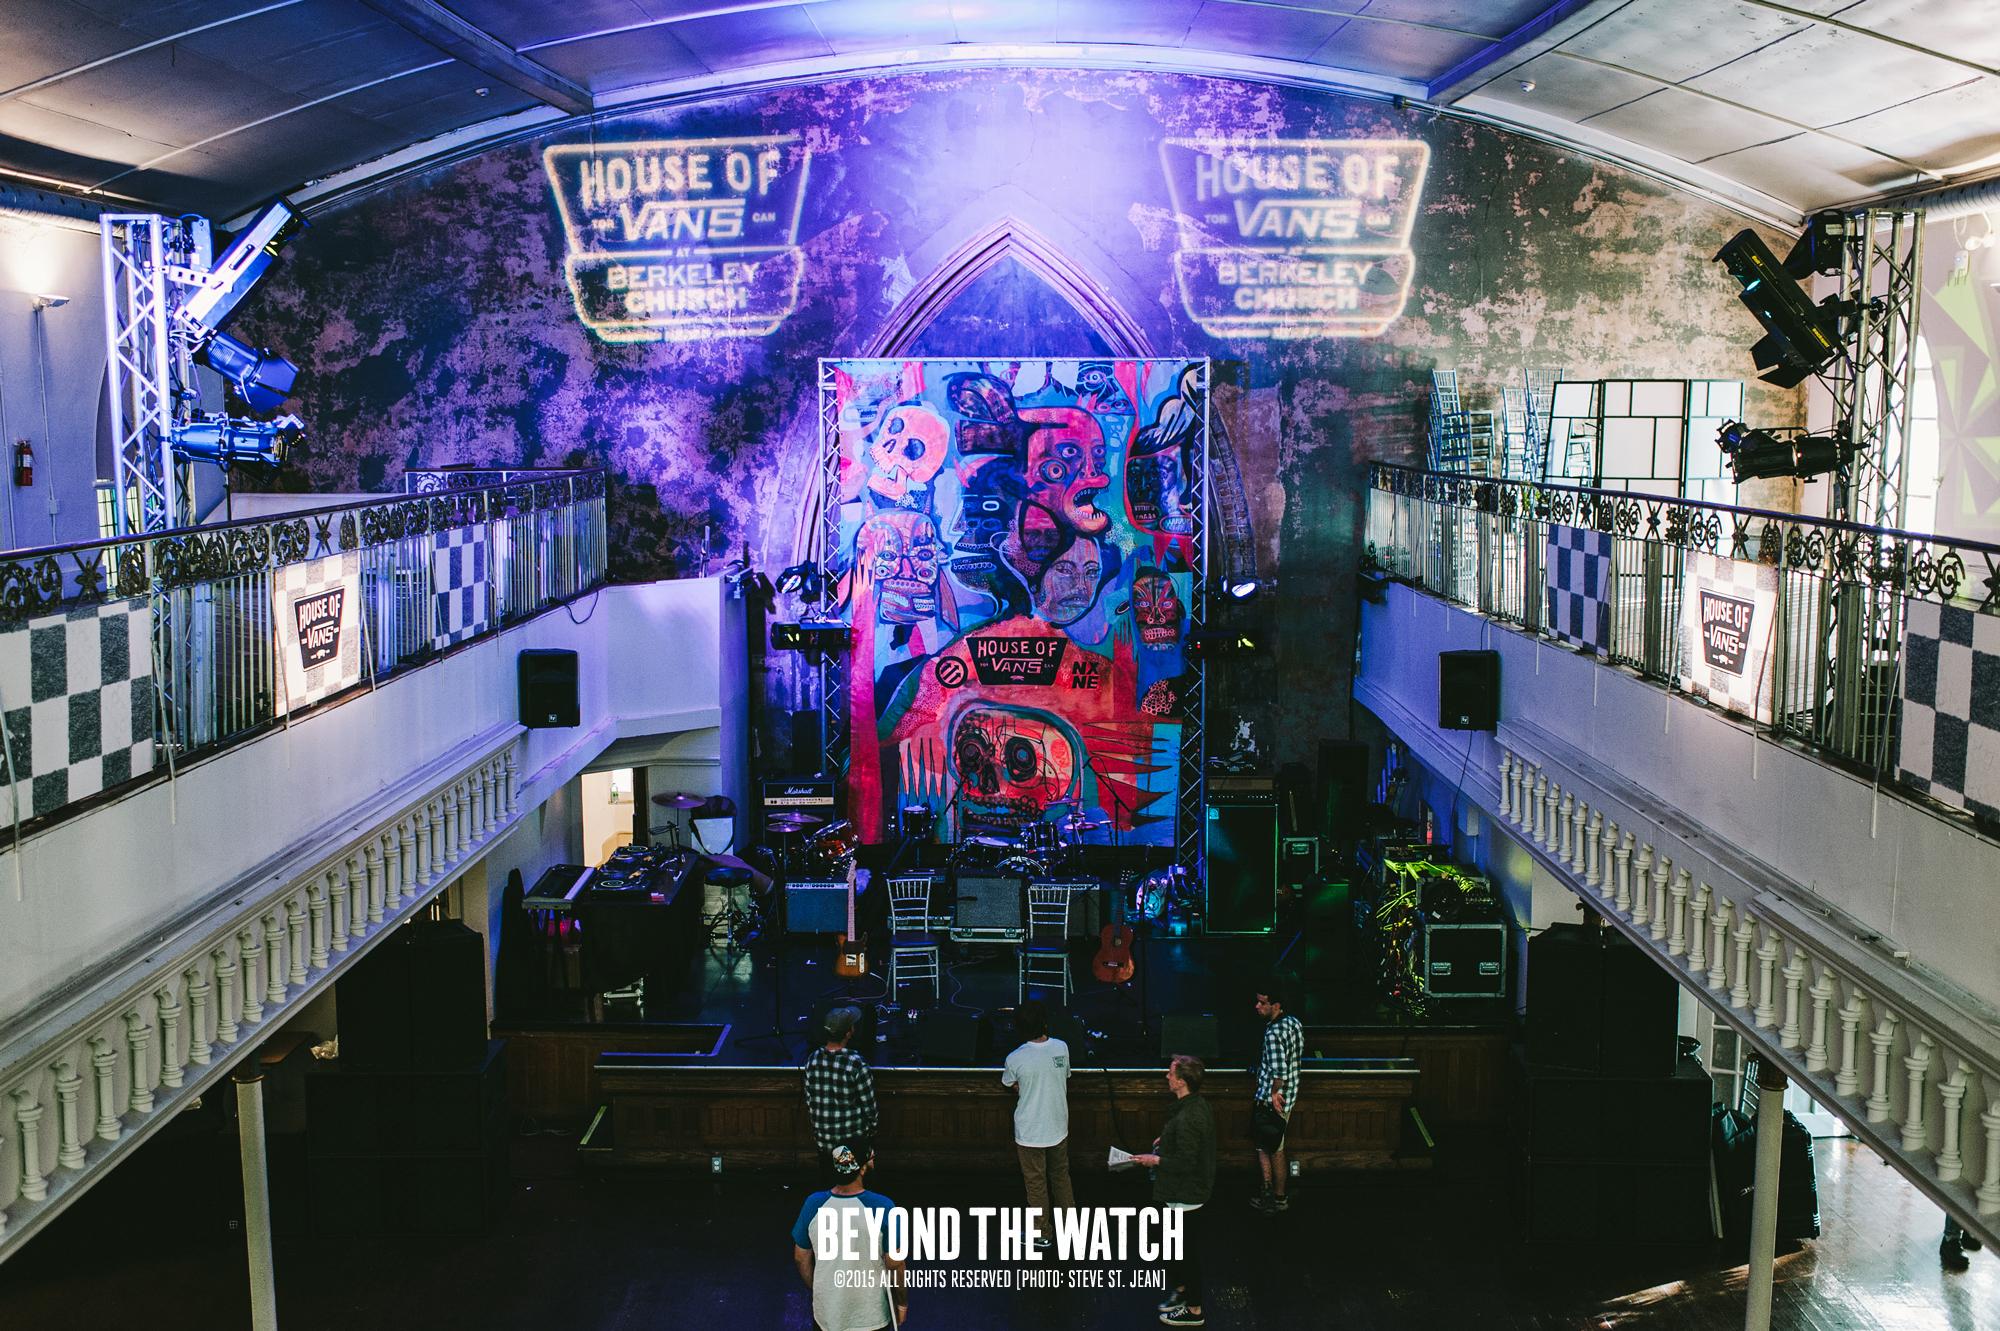 House of Vans x Pitchfork @ Berkeley Church